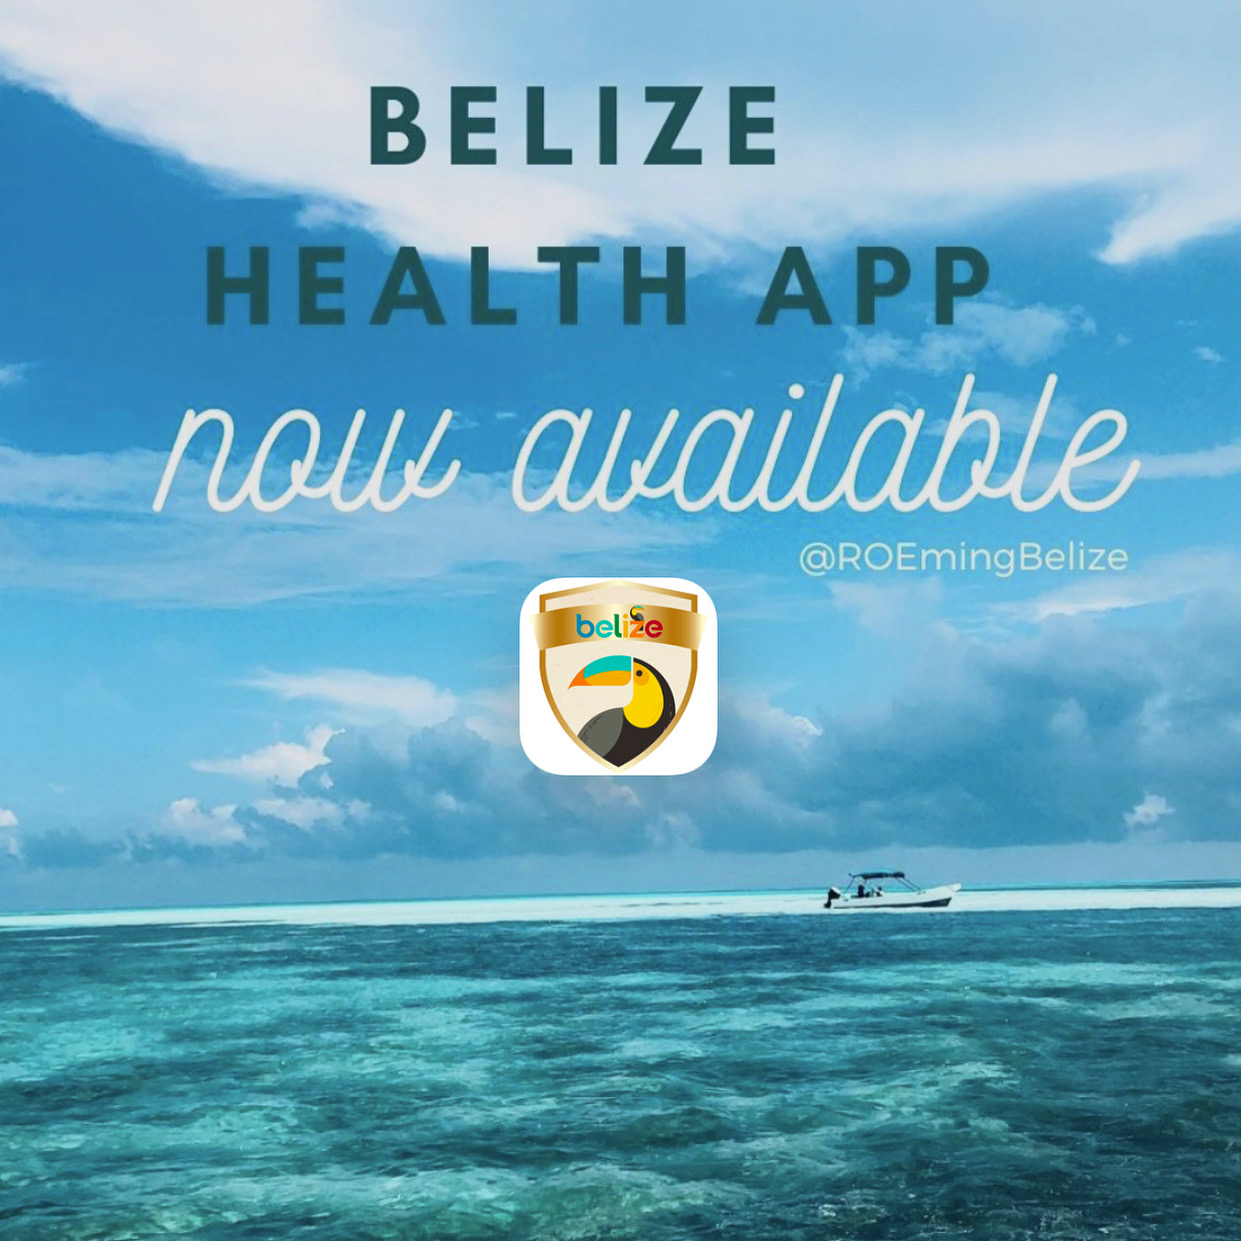 Belize health app